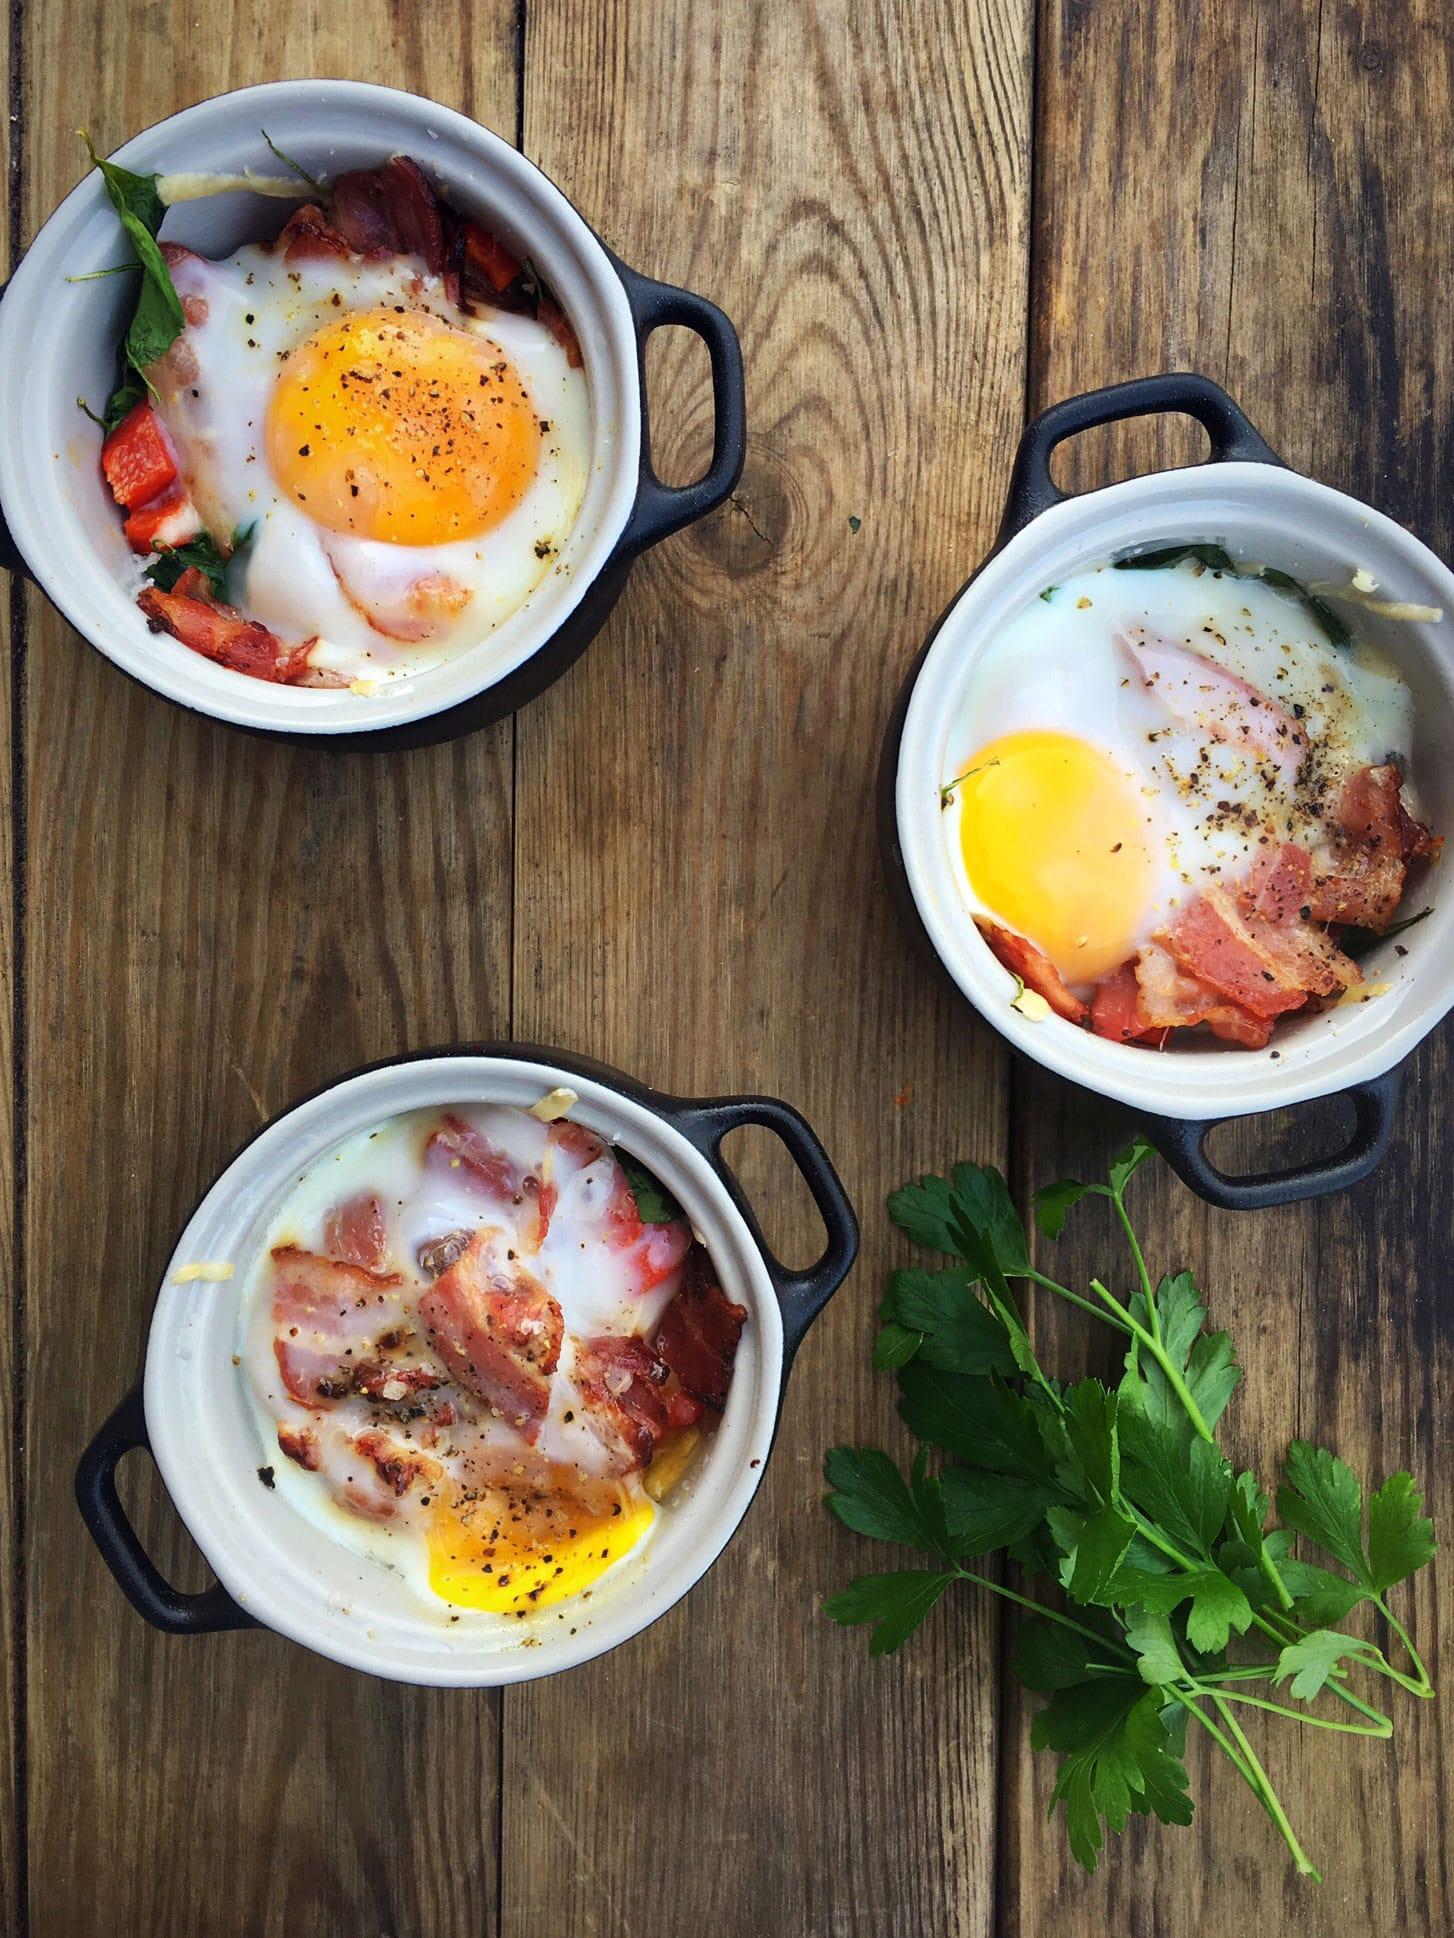 Æg i skål (oeufs en cocotte) - genial på brunchbordet - nem opskrift her: